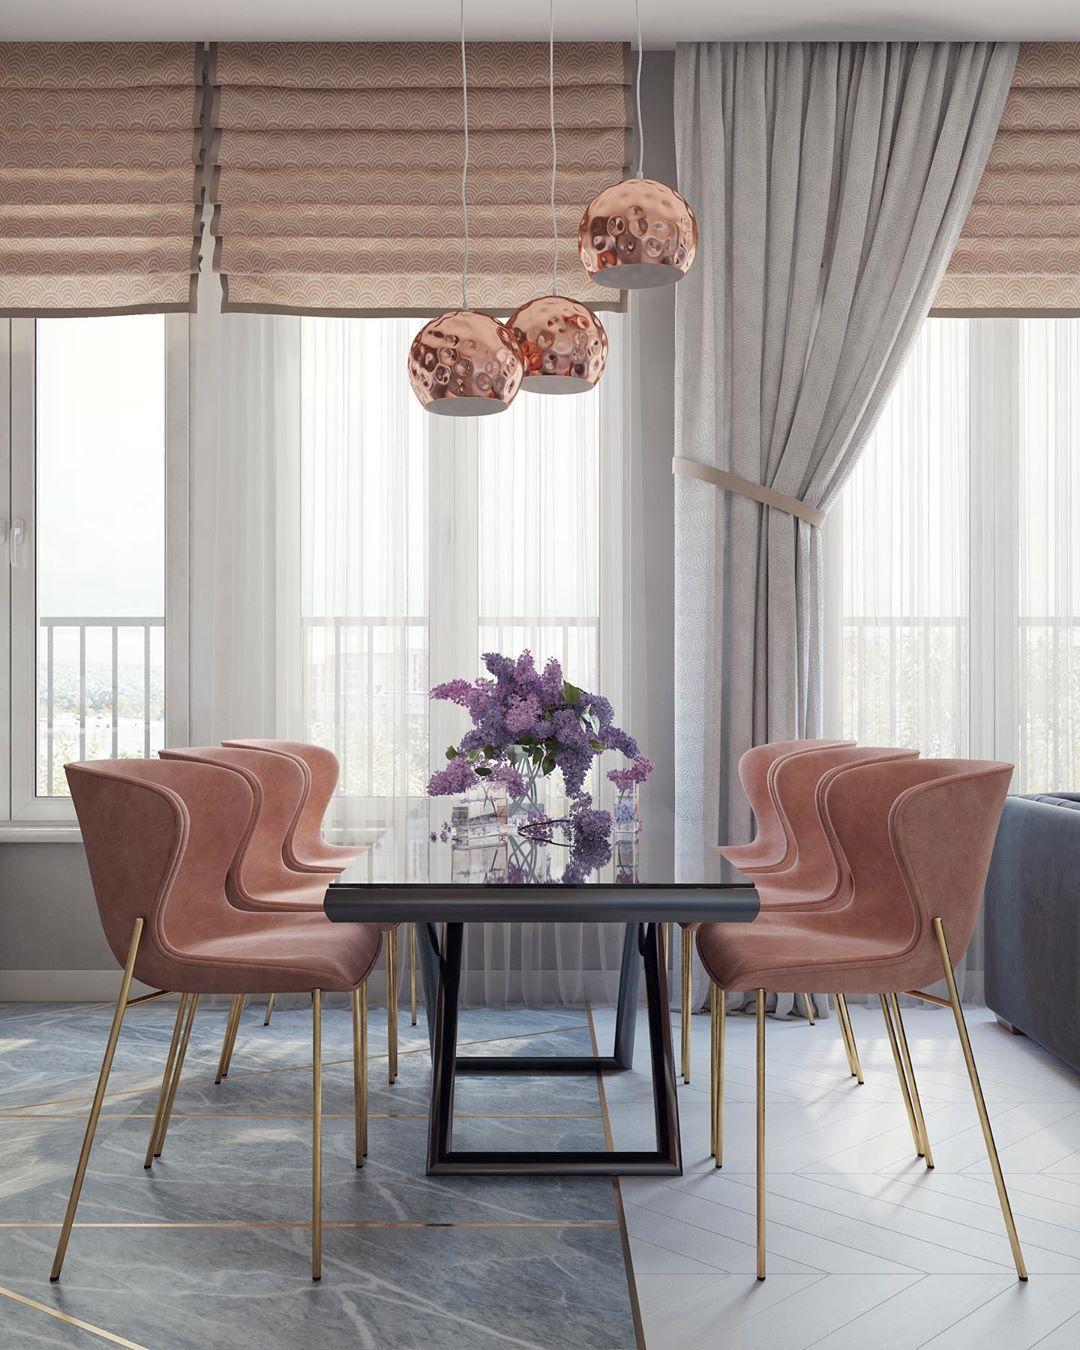 (+55 фото) Интерьер гостиной розового цвета